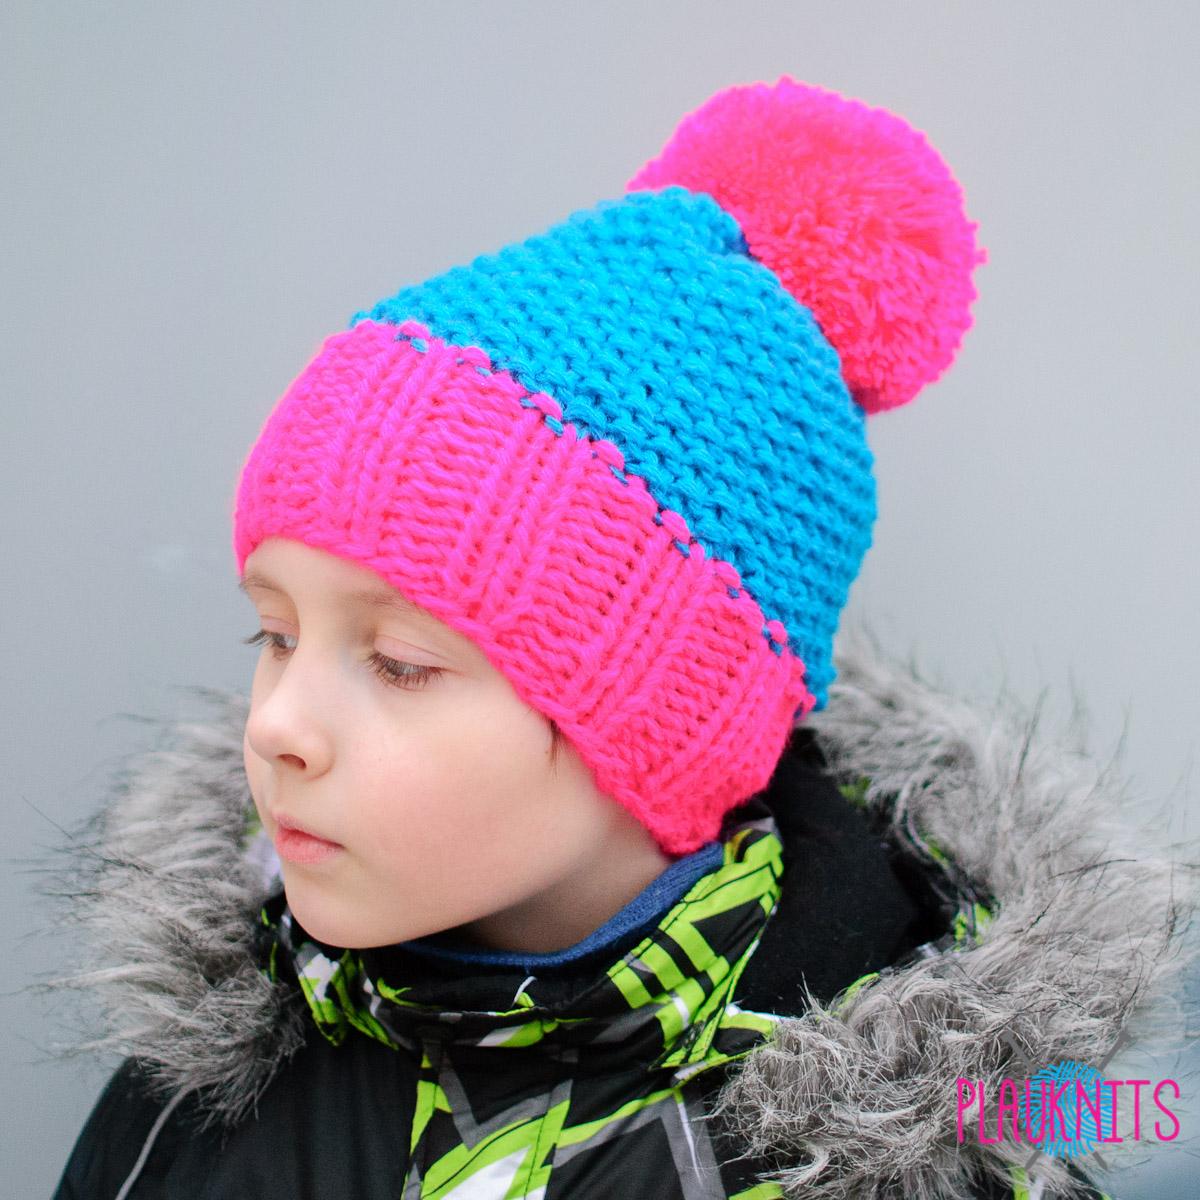 Сине-розовая вязаная шапка с помпоном Квант